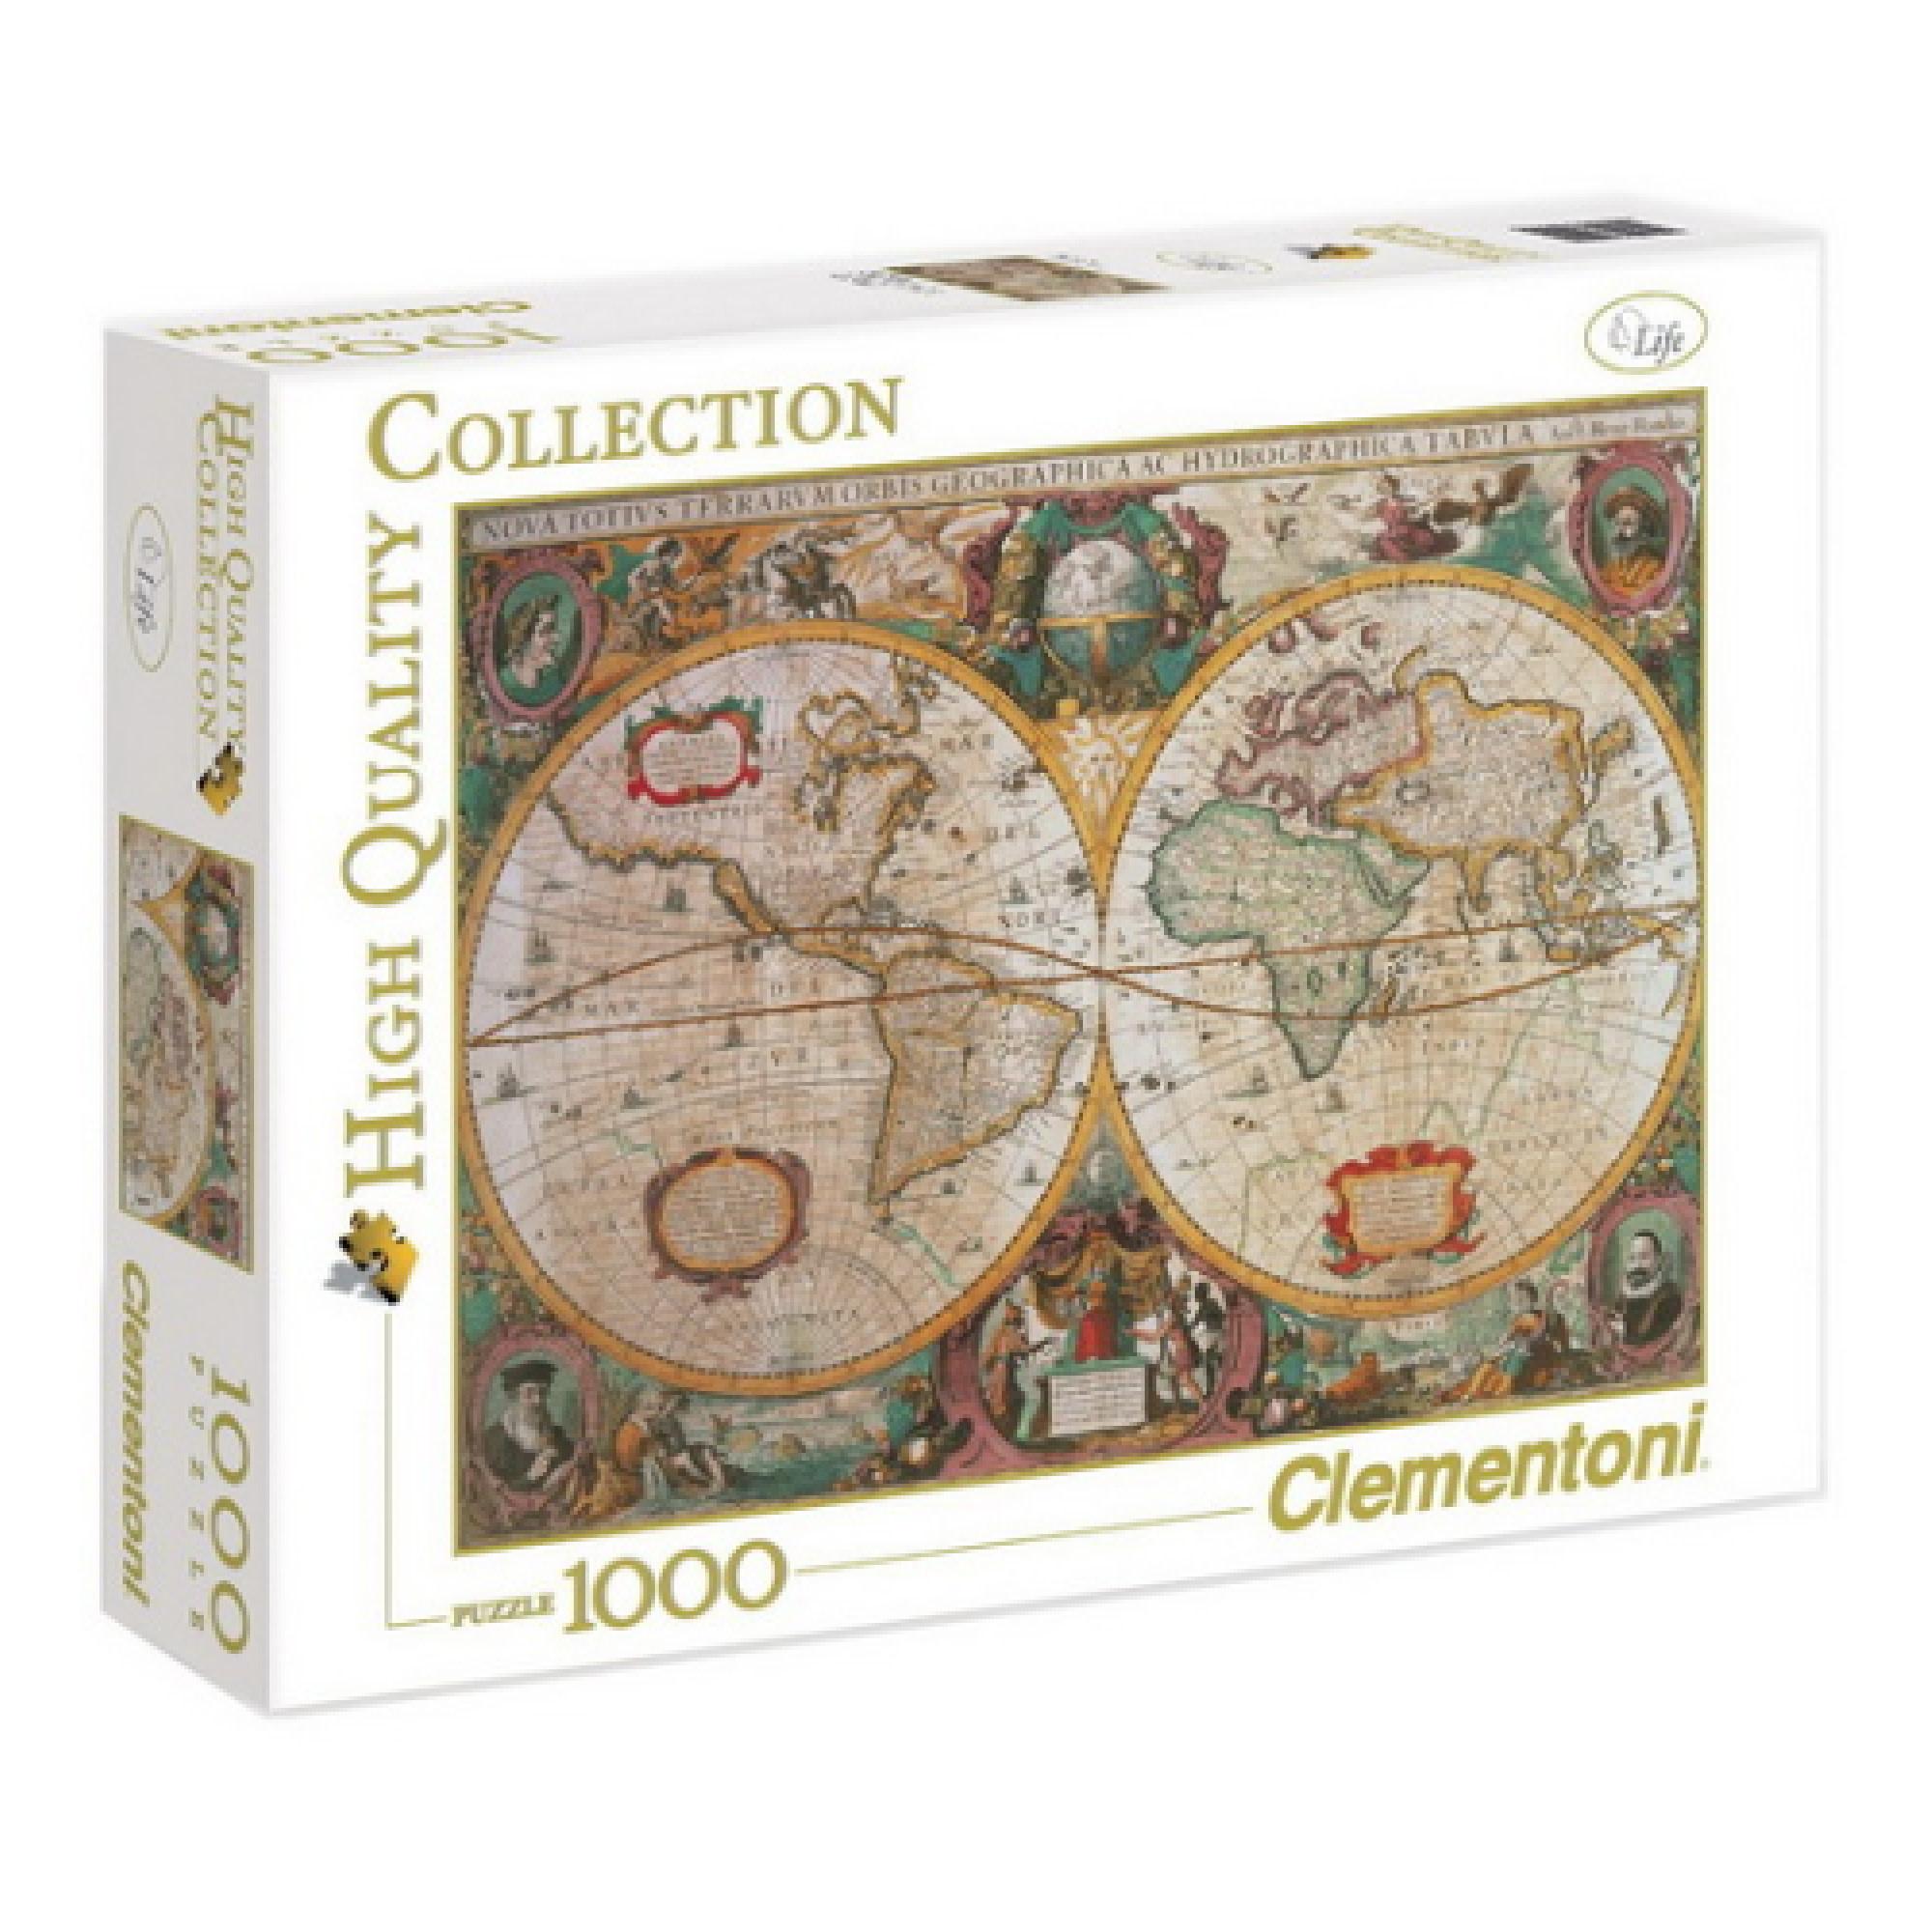 Clementoni Puzzle 1000: Carte Ancienne